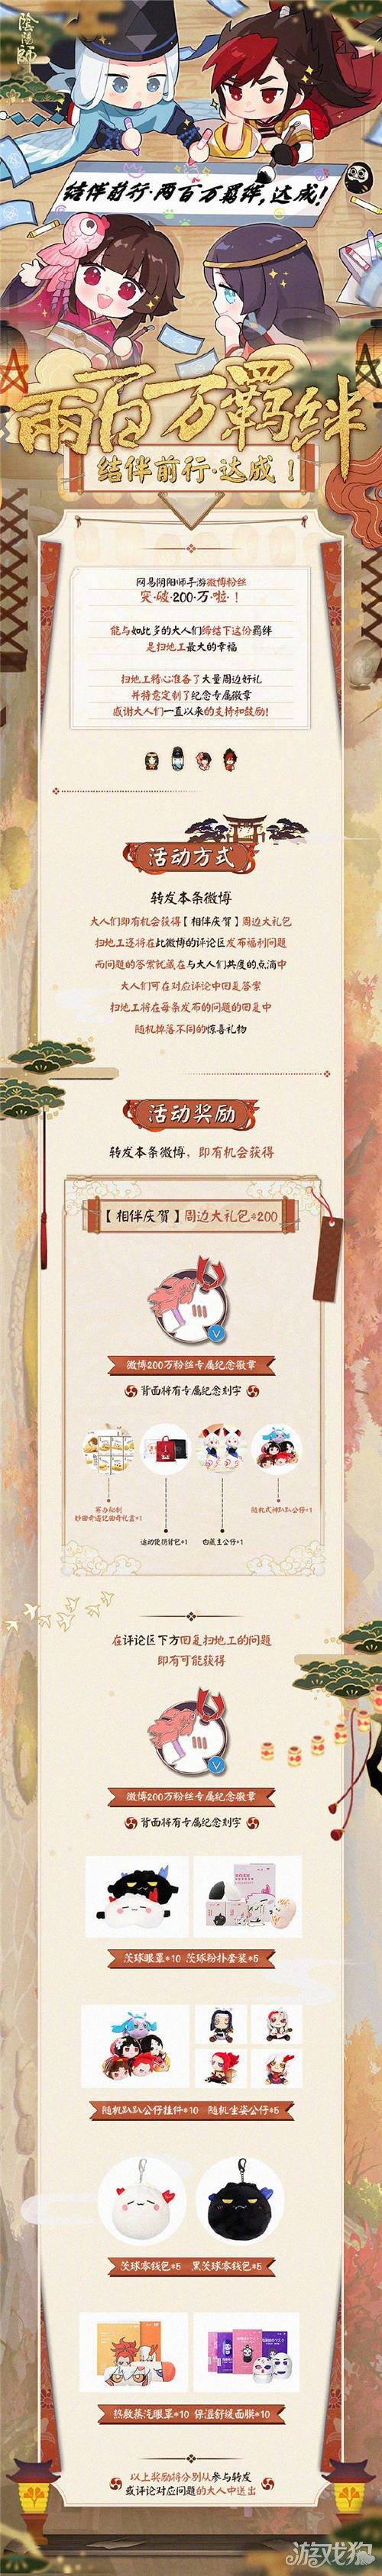 http://www.weixinrensheng.com/youxi/443787.html